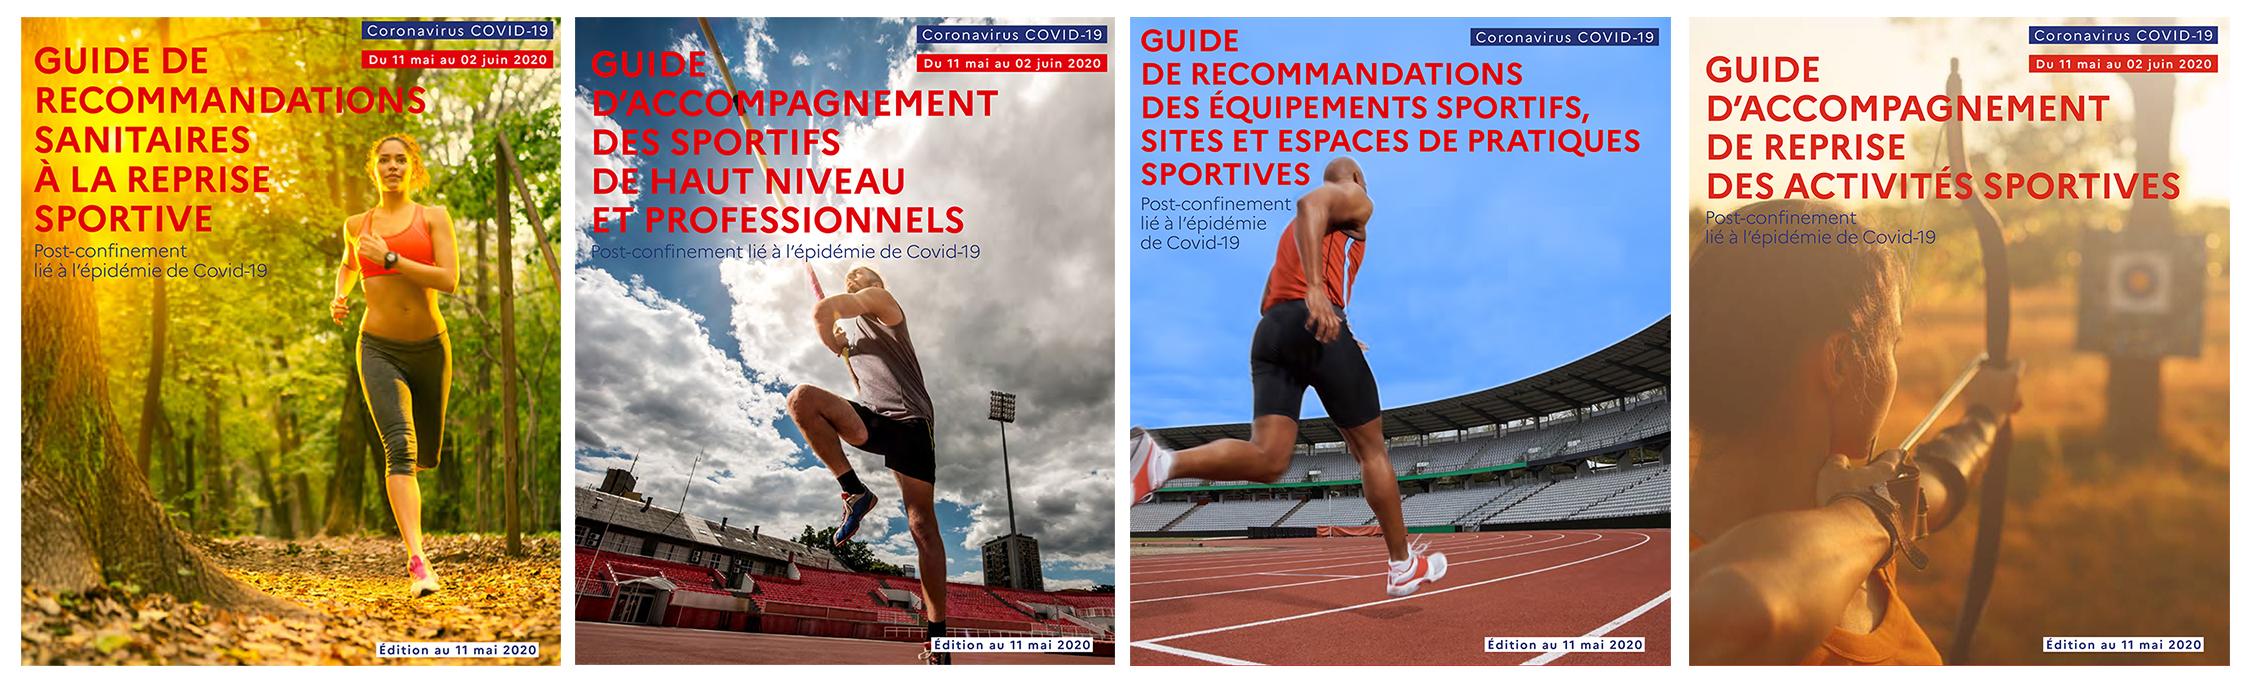 guide activité sportive deconfinement